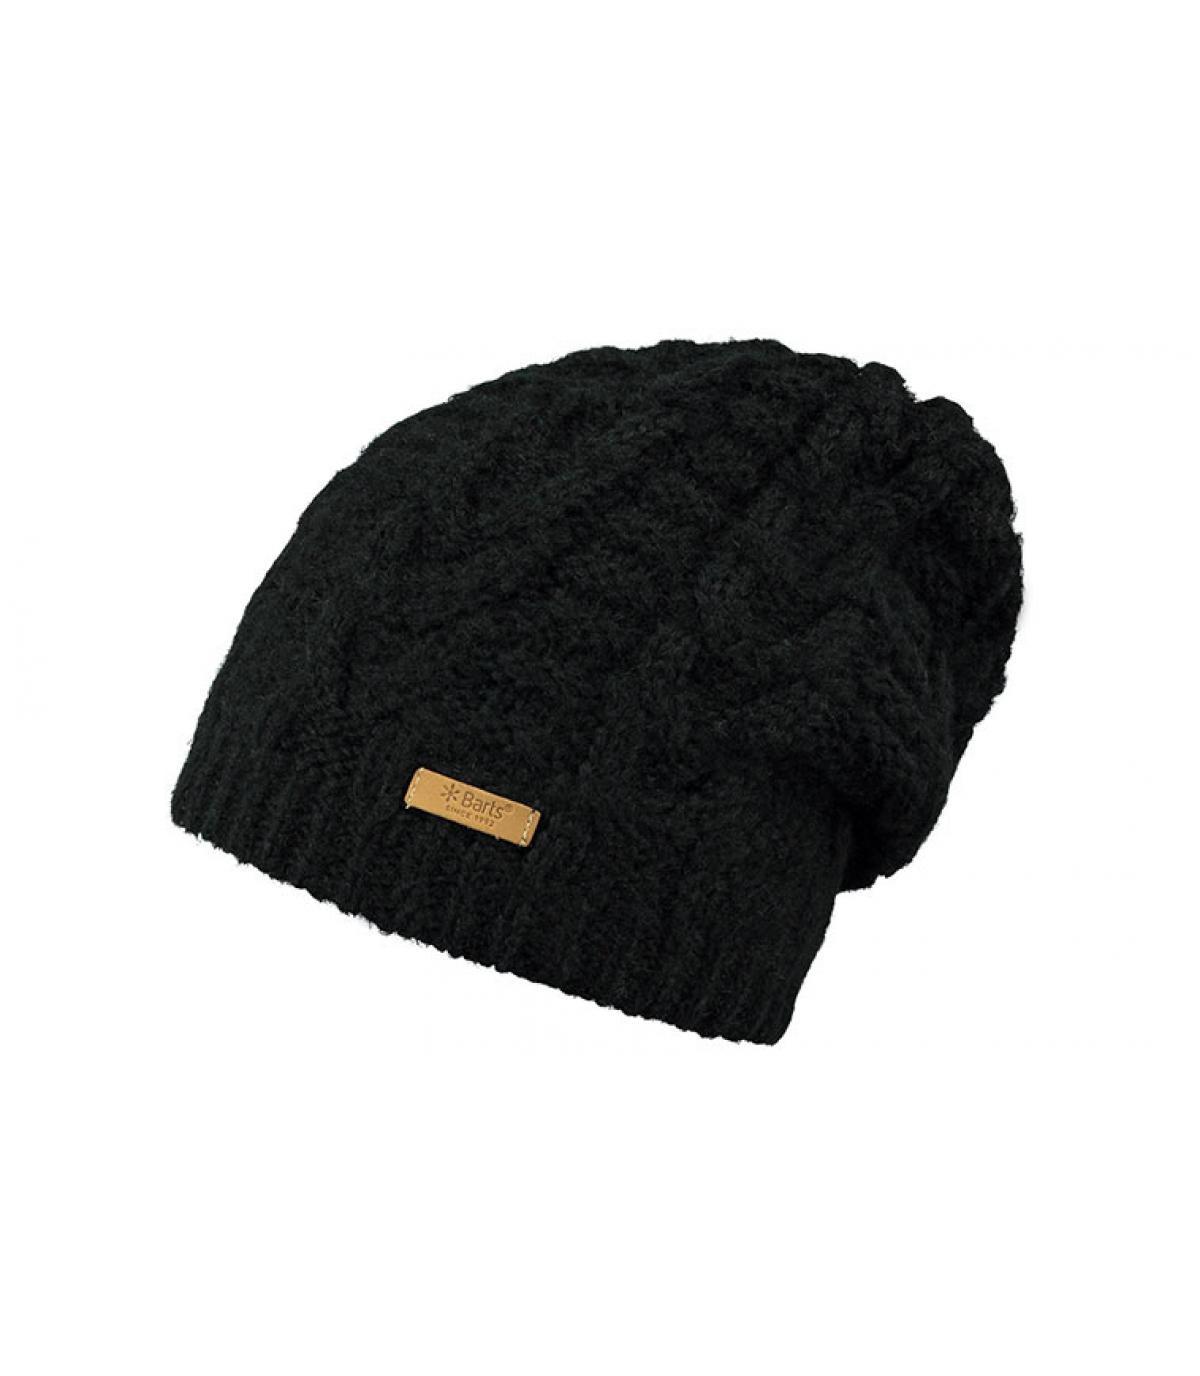 ad1bd0ba837 Bonnet long - bonnet oversize   tombant homme et femme - headict